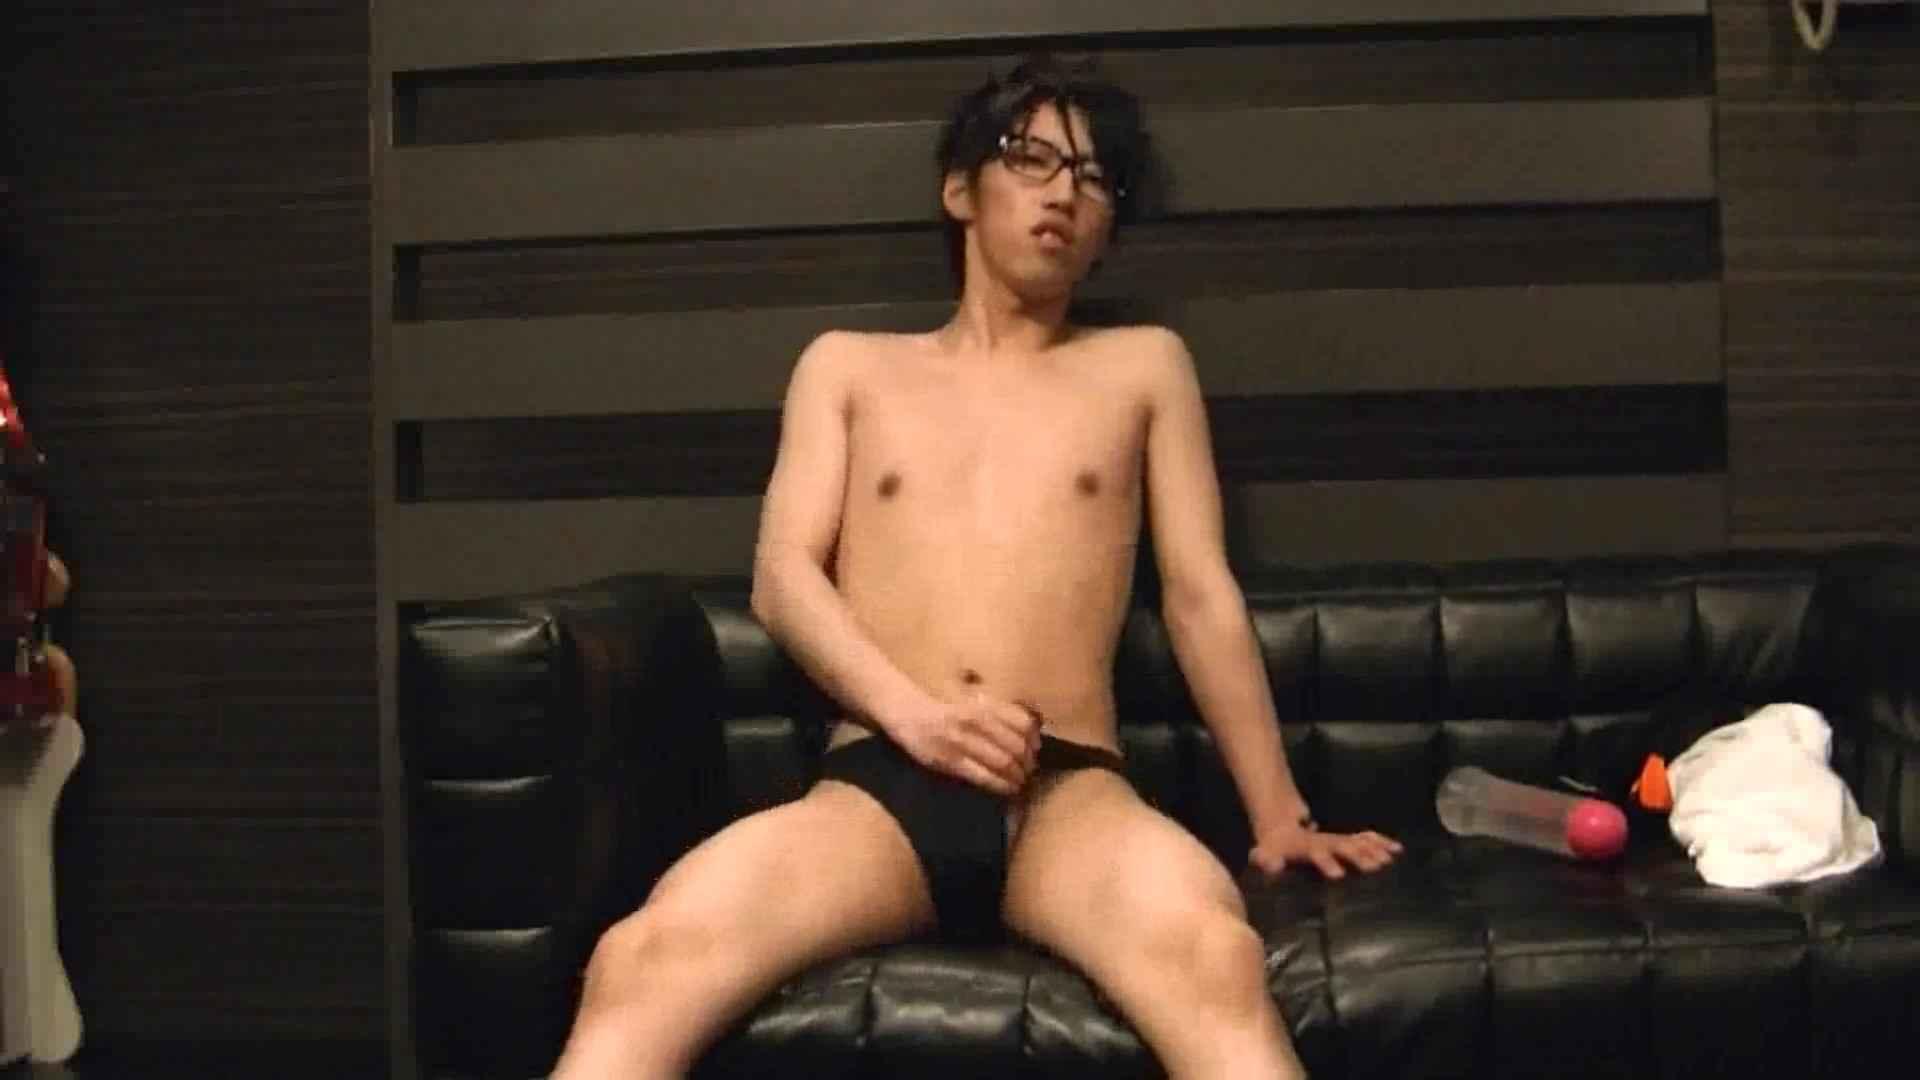 ONA見せカーニバル!! Vol3 男まつり | オナニー ゲイ無料無修正画像 87枚 47